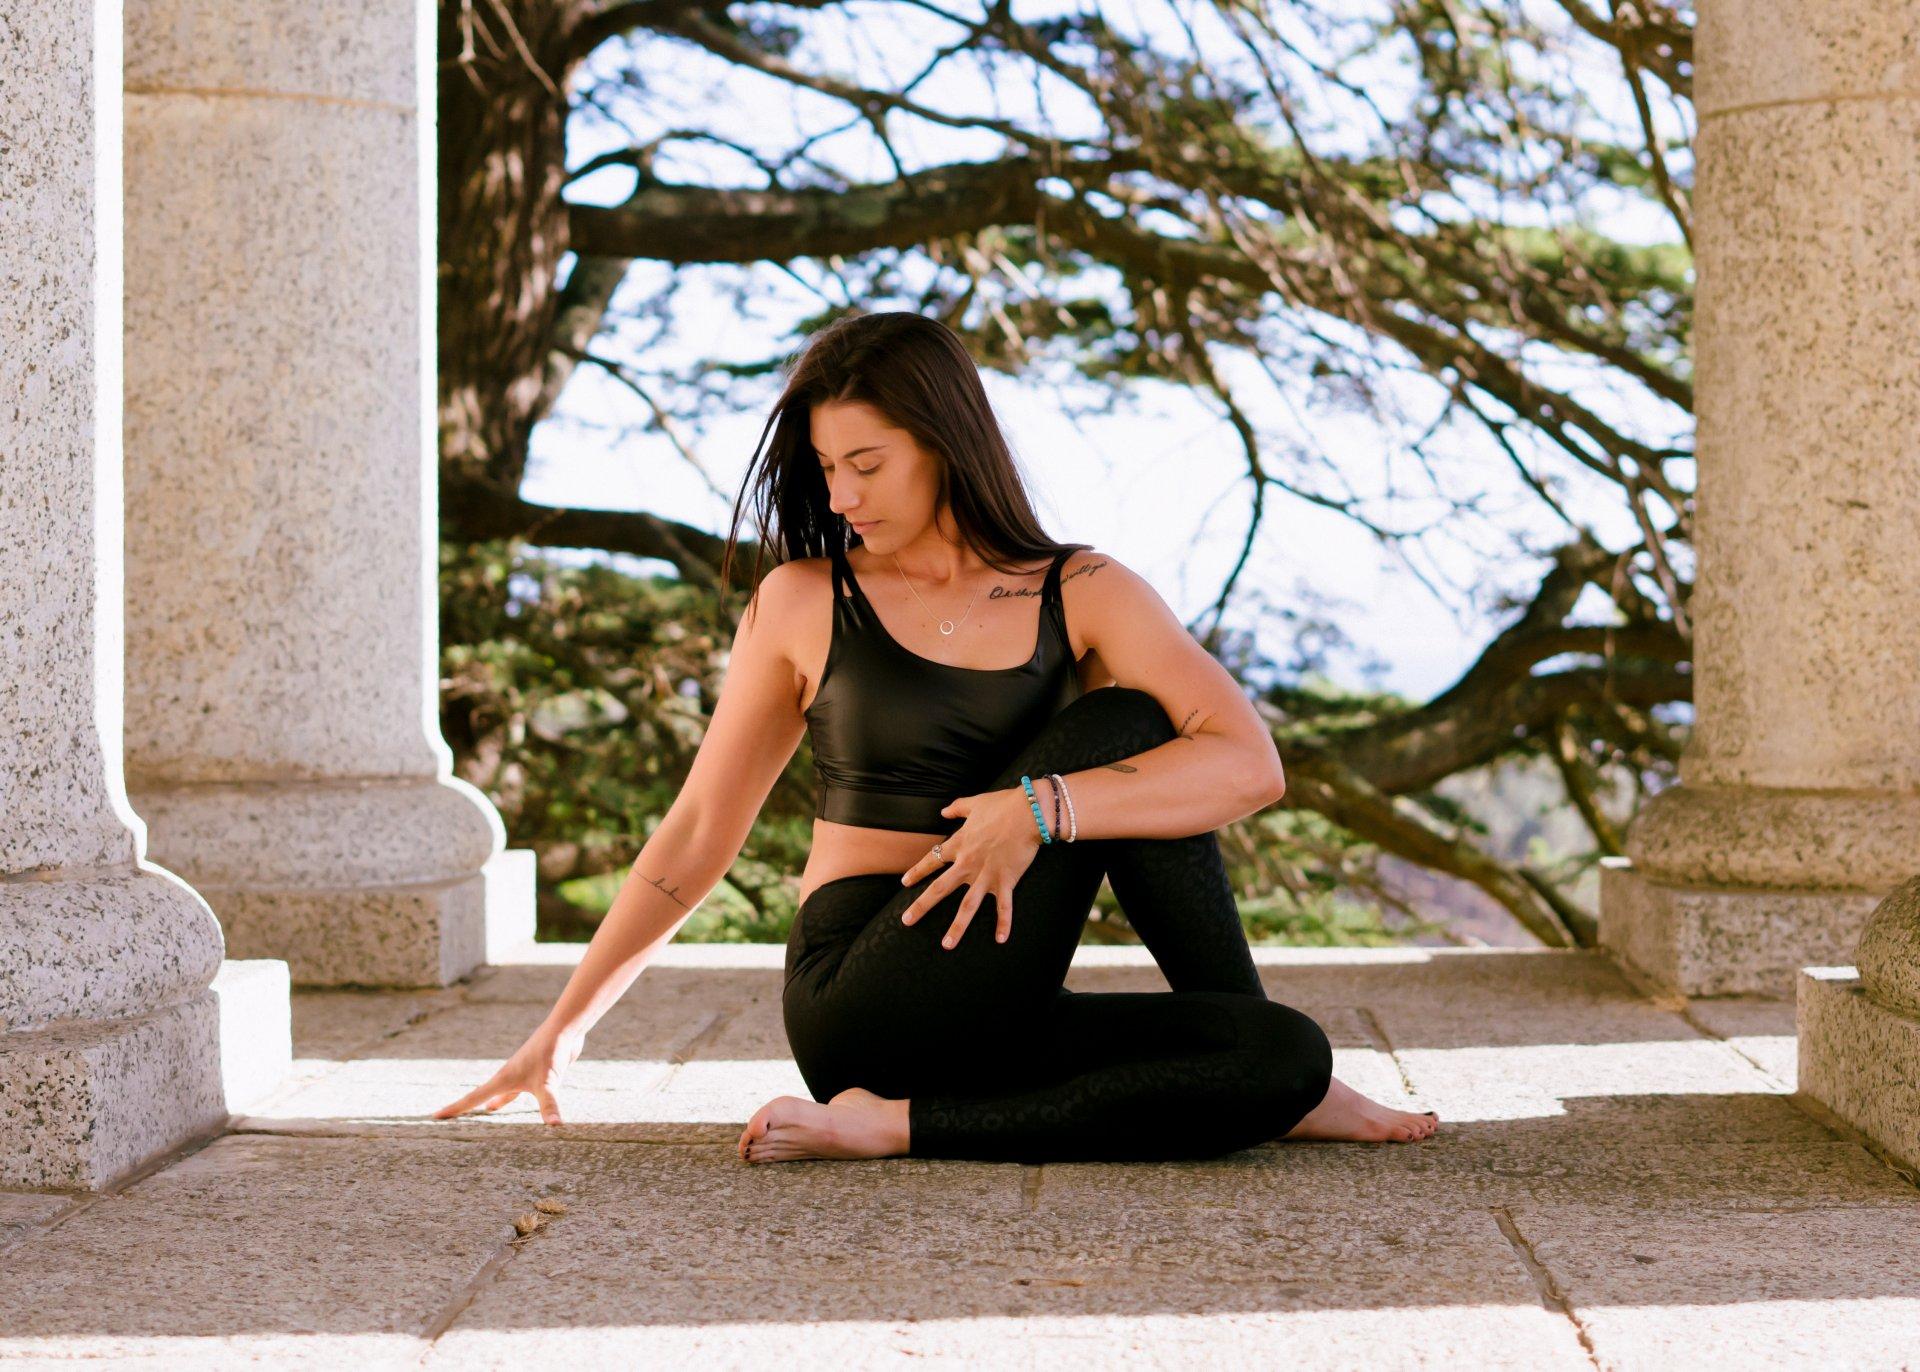 woman-in-black-tank-top-and-black-leggings-sitting-on-floor-3820296 (1)-1162.jpg